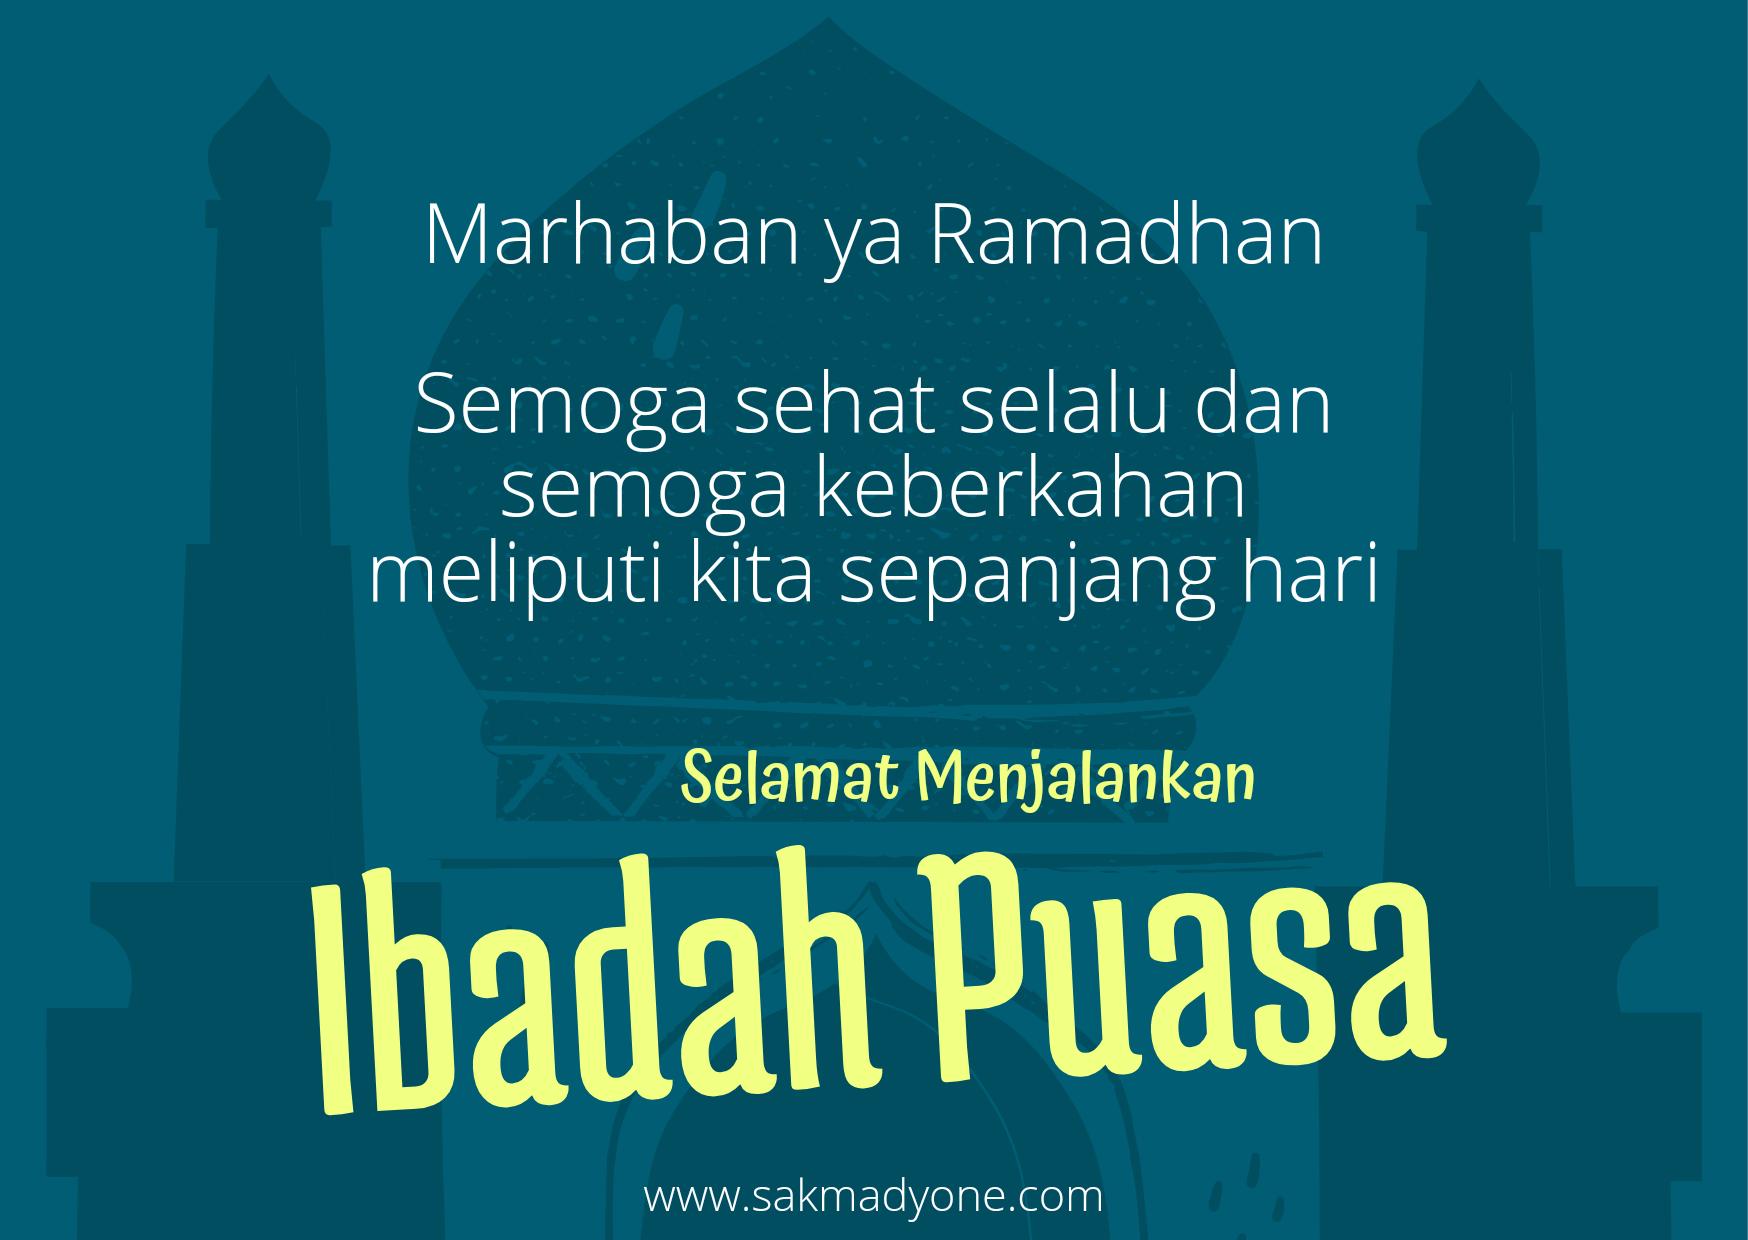 20 Ucapan Selamat Puasa Ramadhan Terbaru 2021 Sakmadyone Com